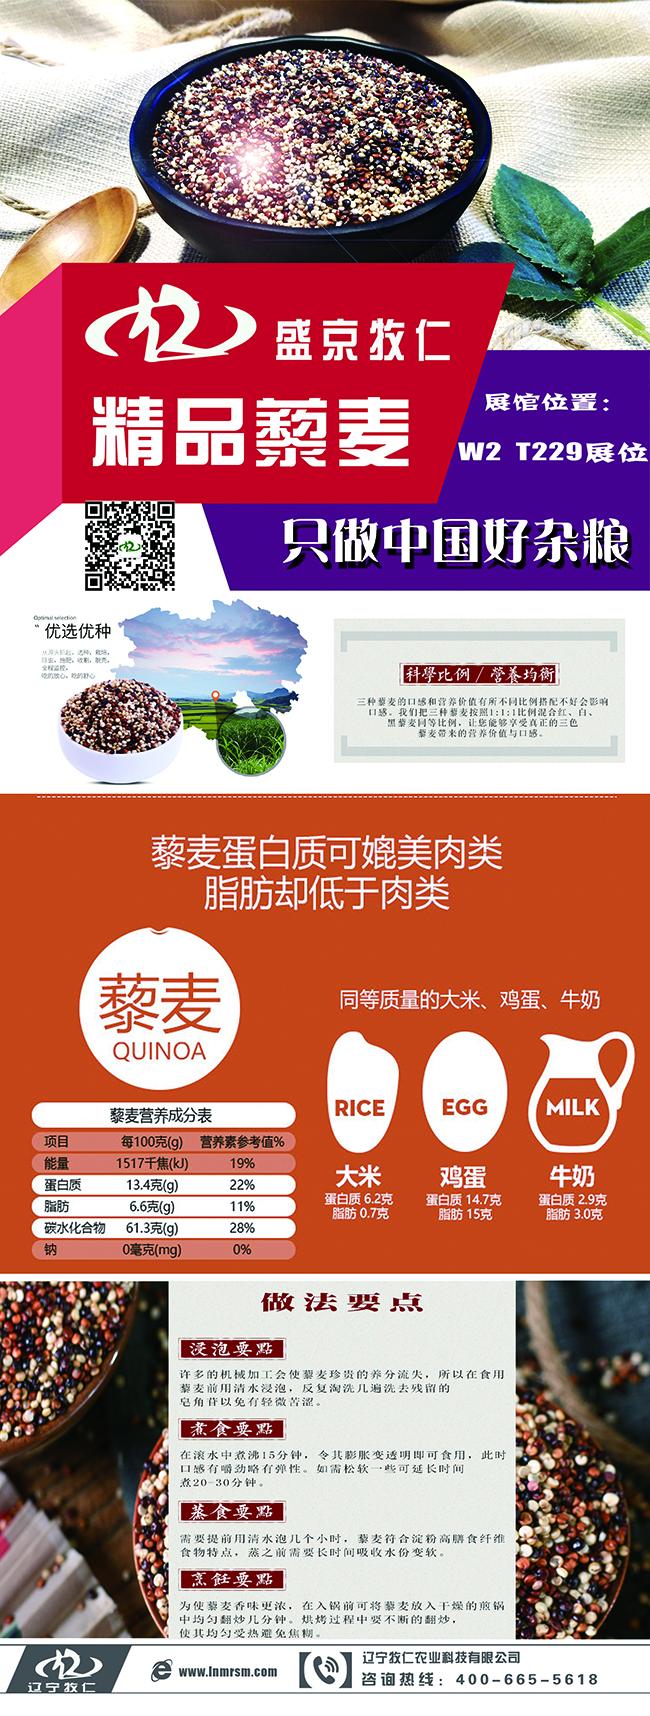 【农业杂粮行业】农业博览会-X展架设计|【雨中漫步网络】上海seo优化 第1张